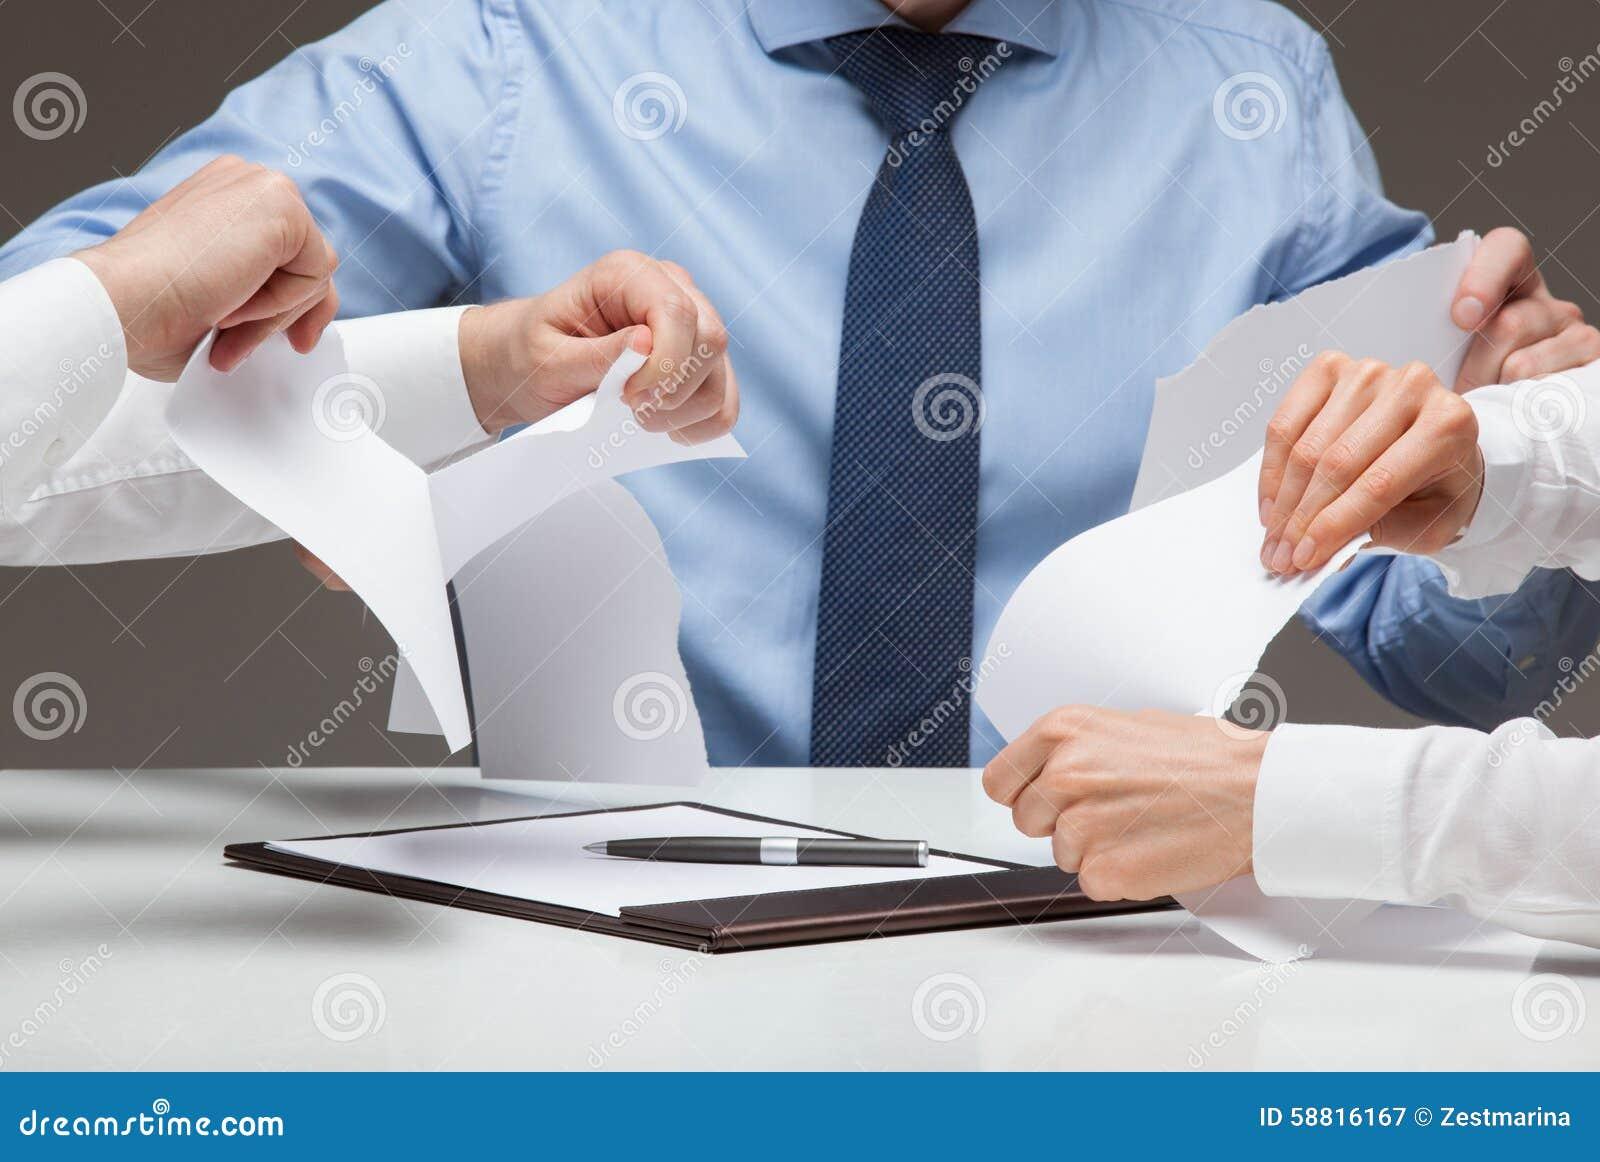 Ludzie biznesu okrutnie drzeje dokumenty